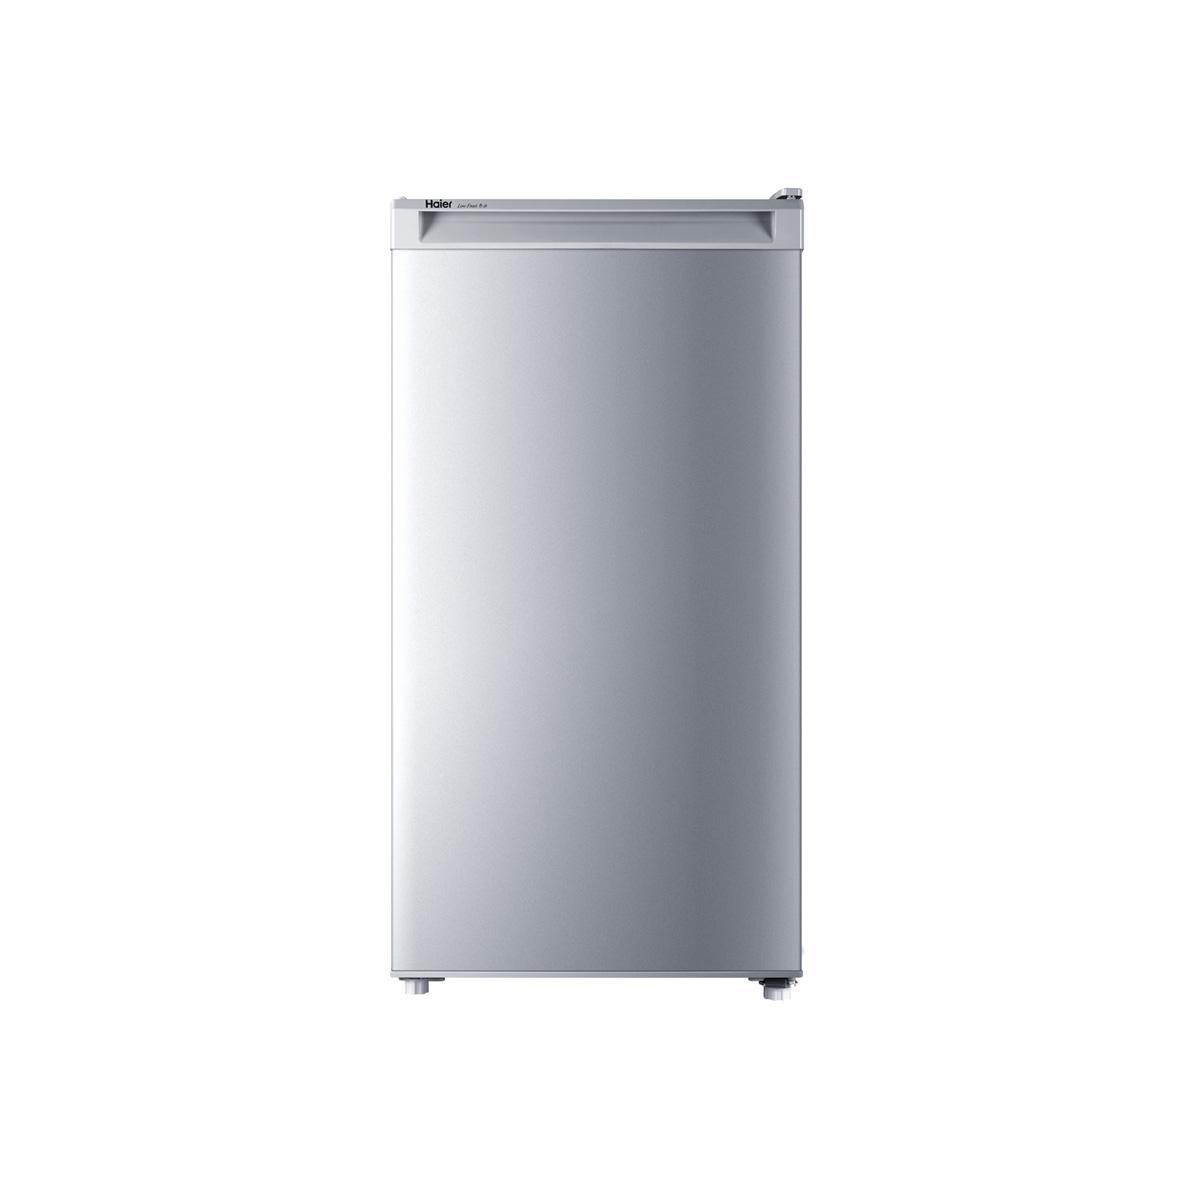 海尔Haier冷柜 BD-150DMS 说明书